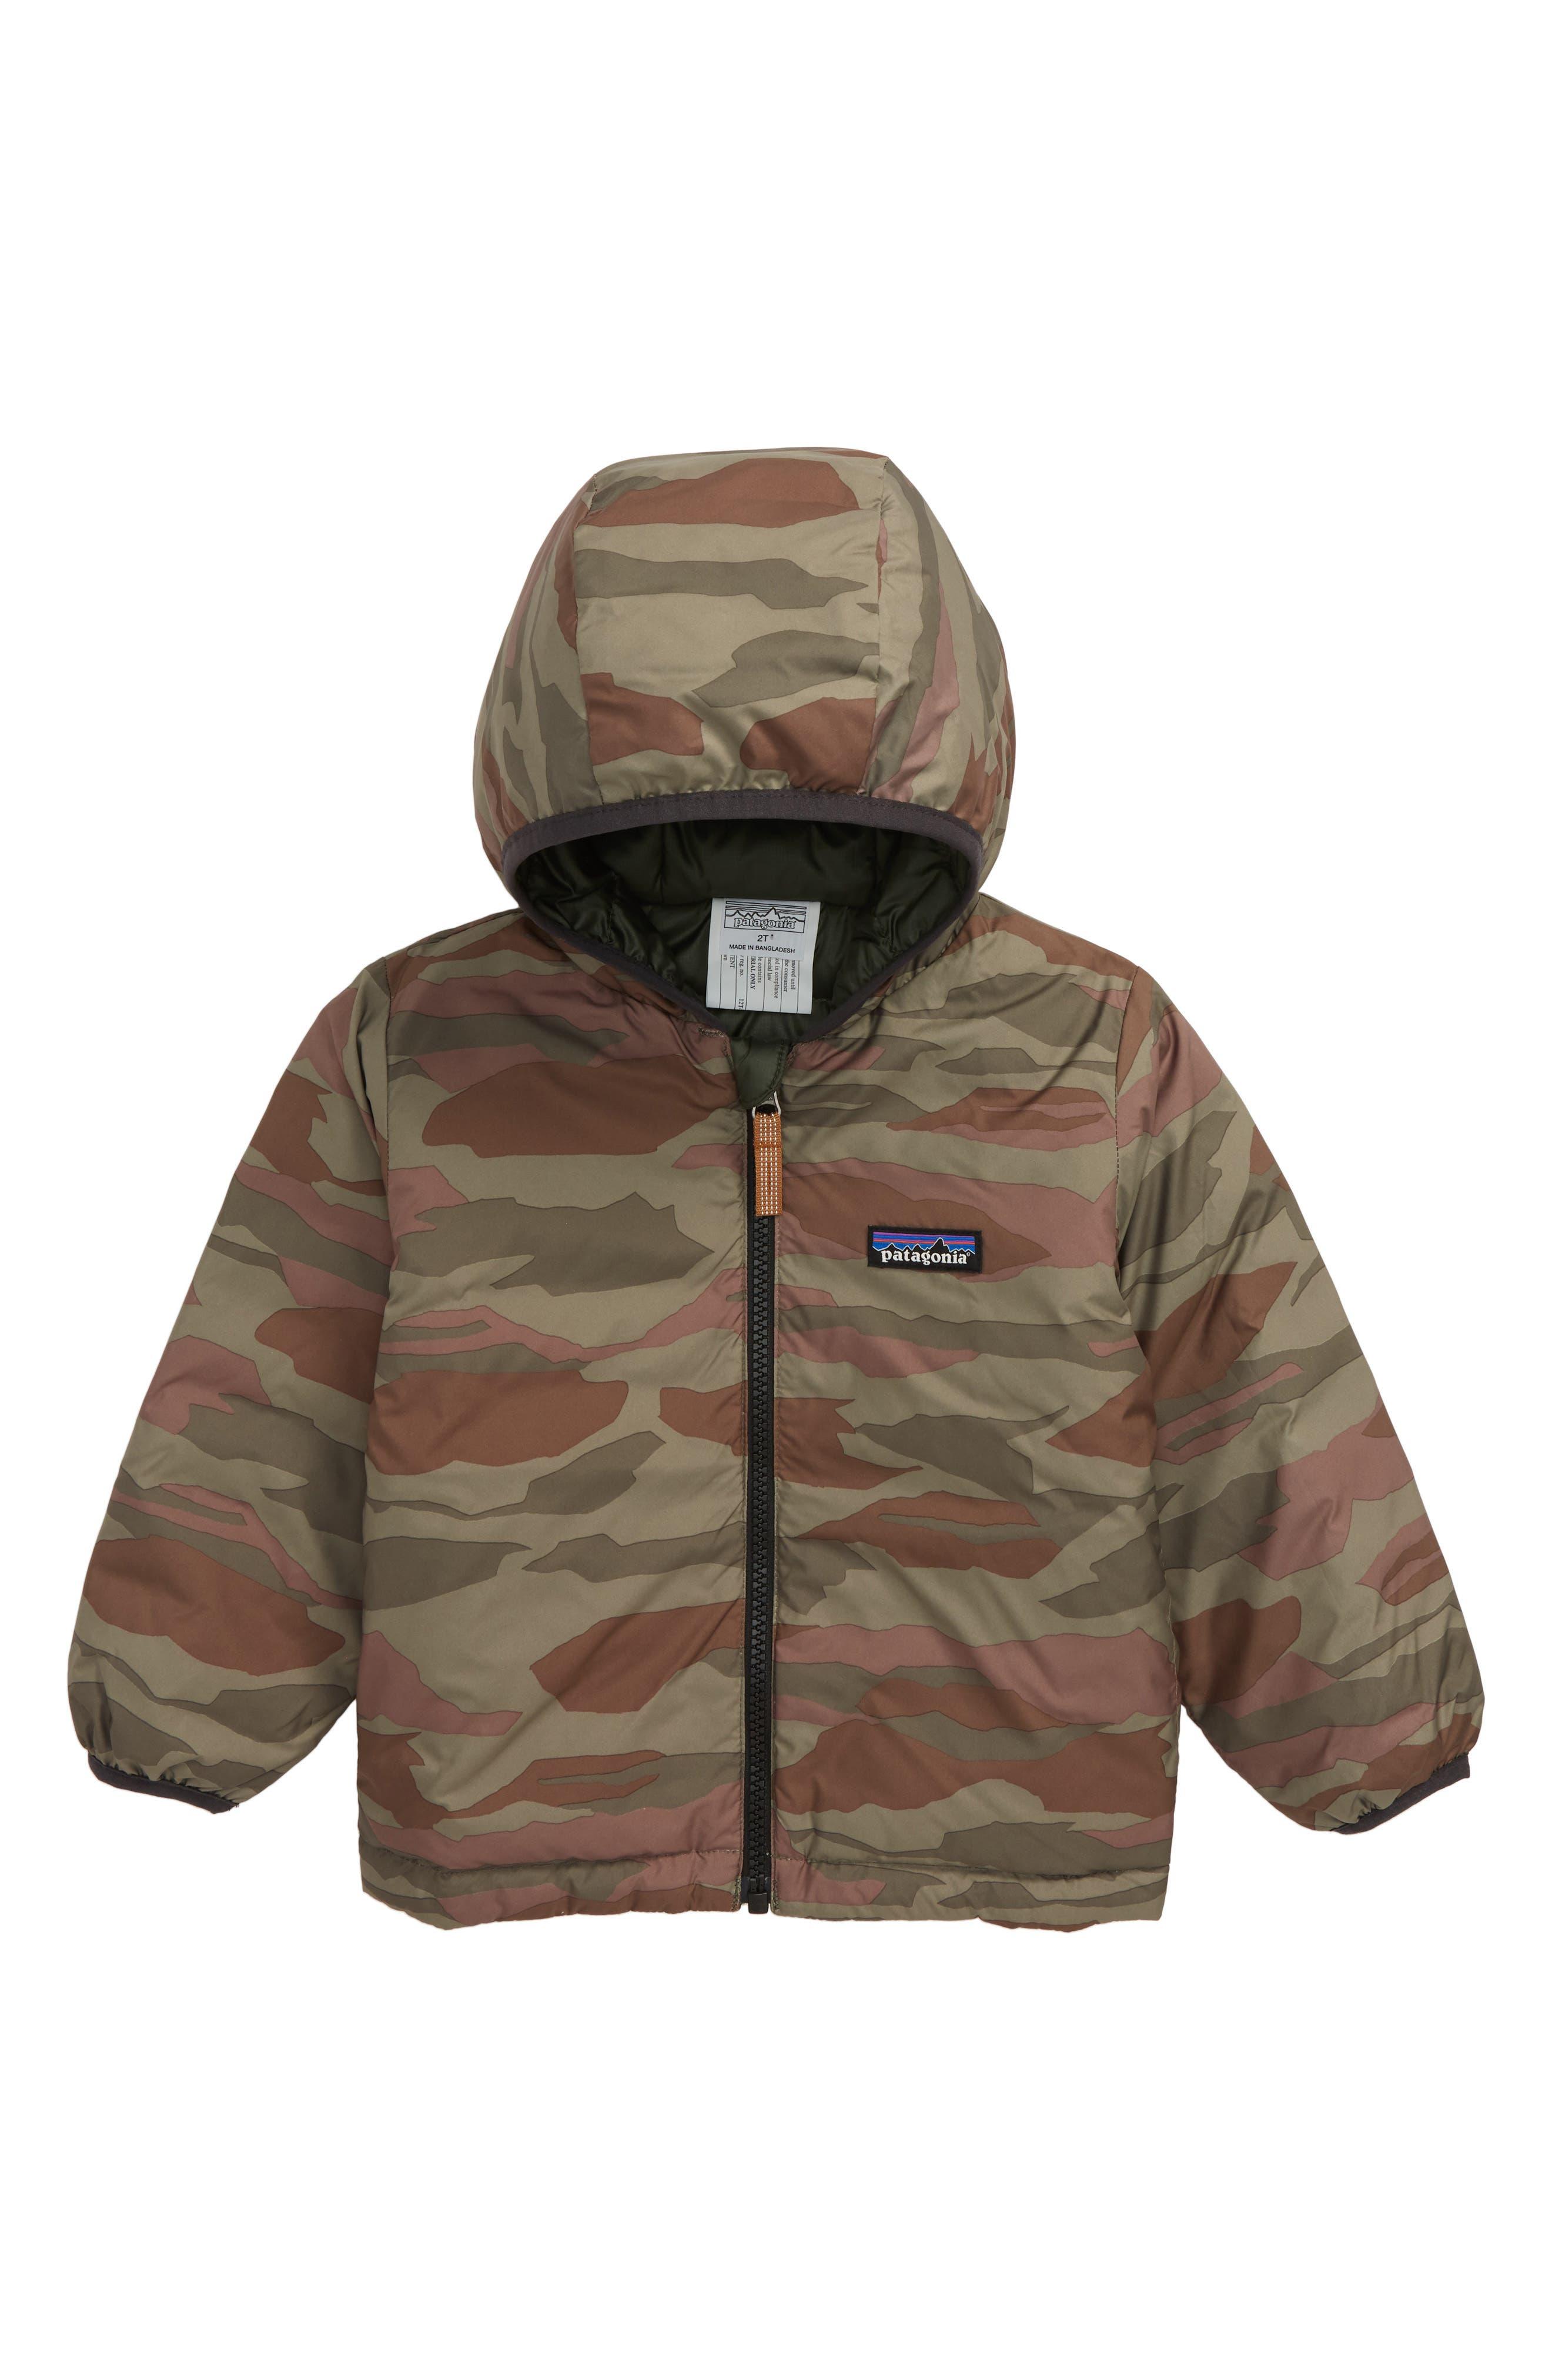 b4bde1402e499 Boys' Clothing: Hoodies, Shirts, Pants & T-Shirts | Nordstrom